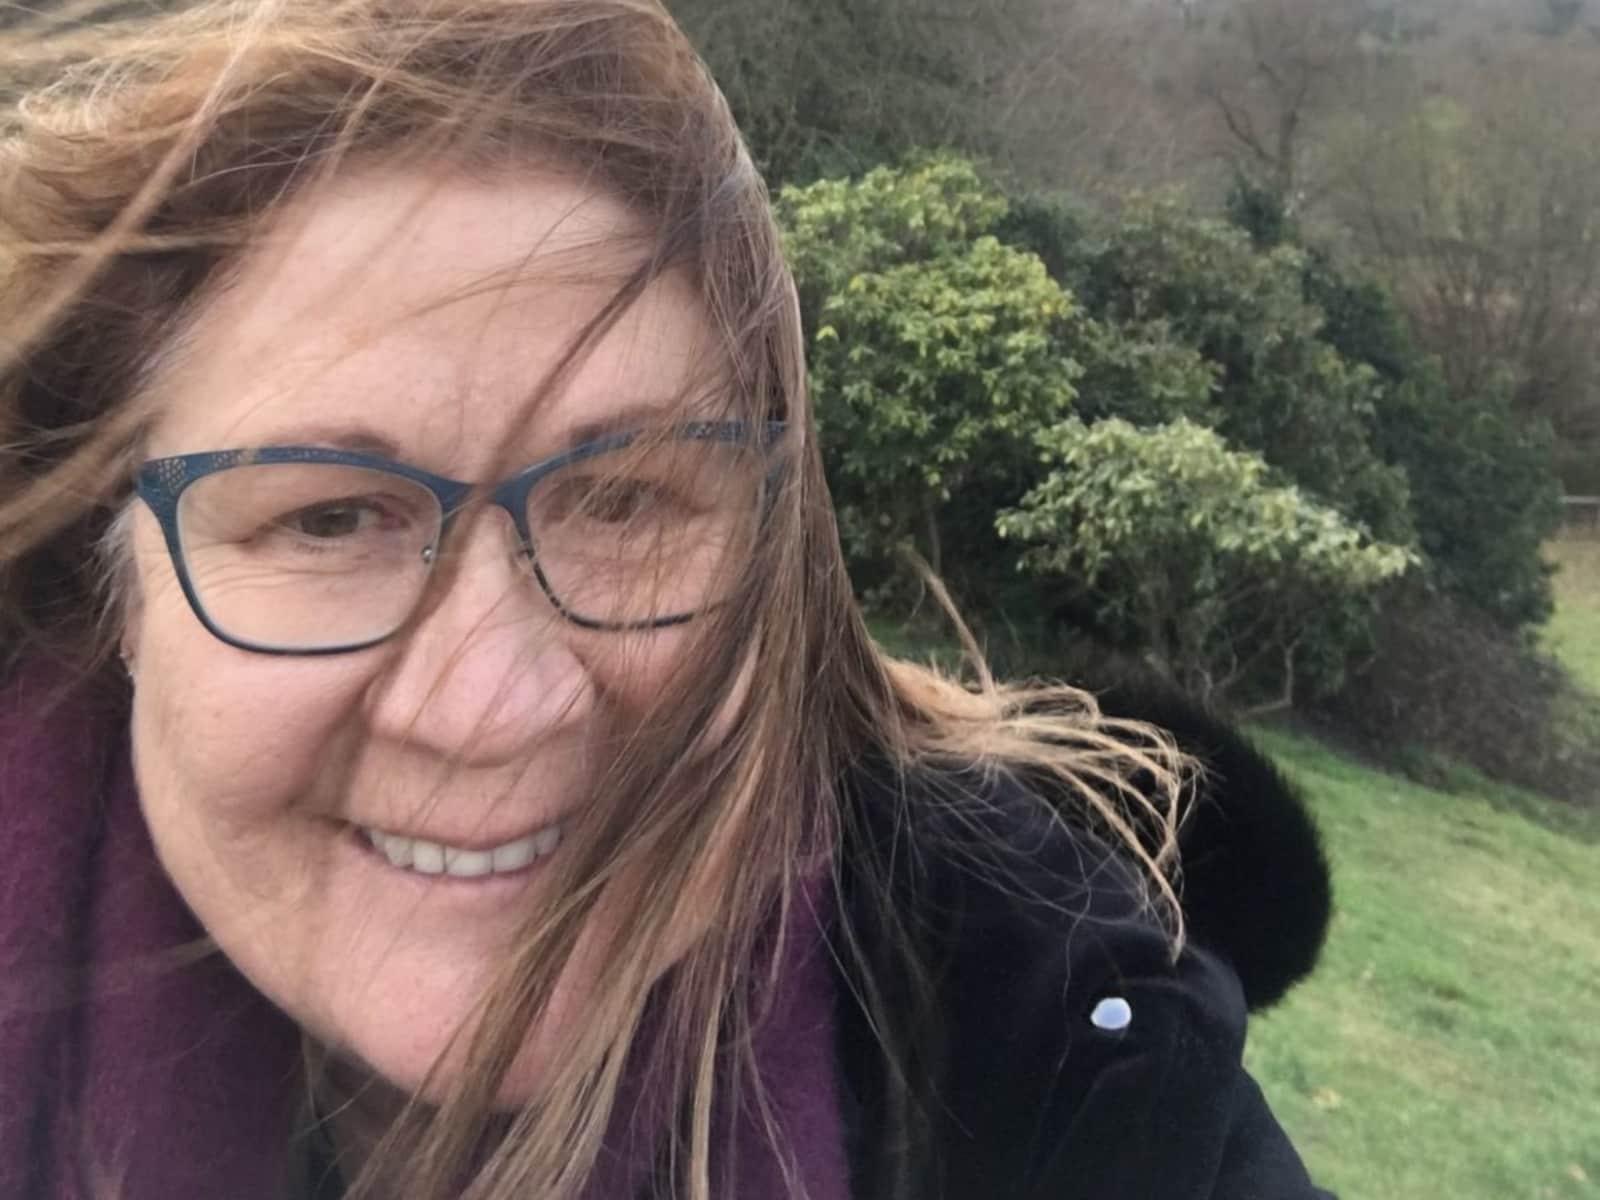 Suzanne from Perth, Western Australia, Australia